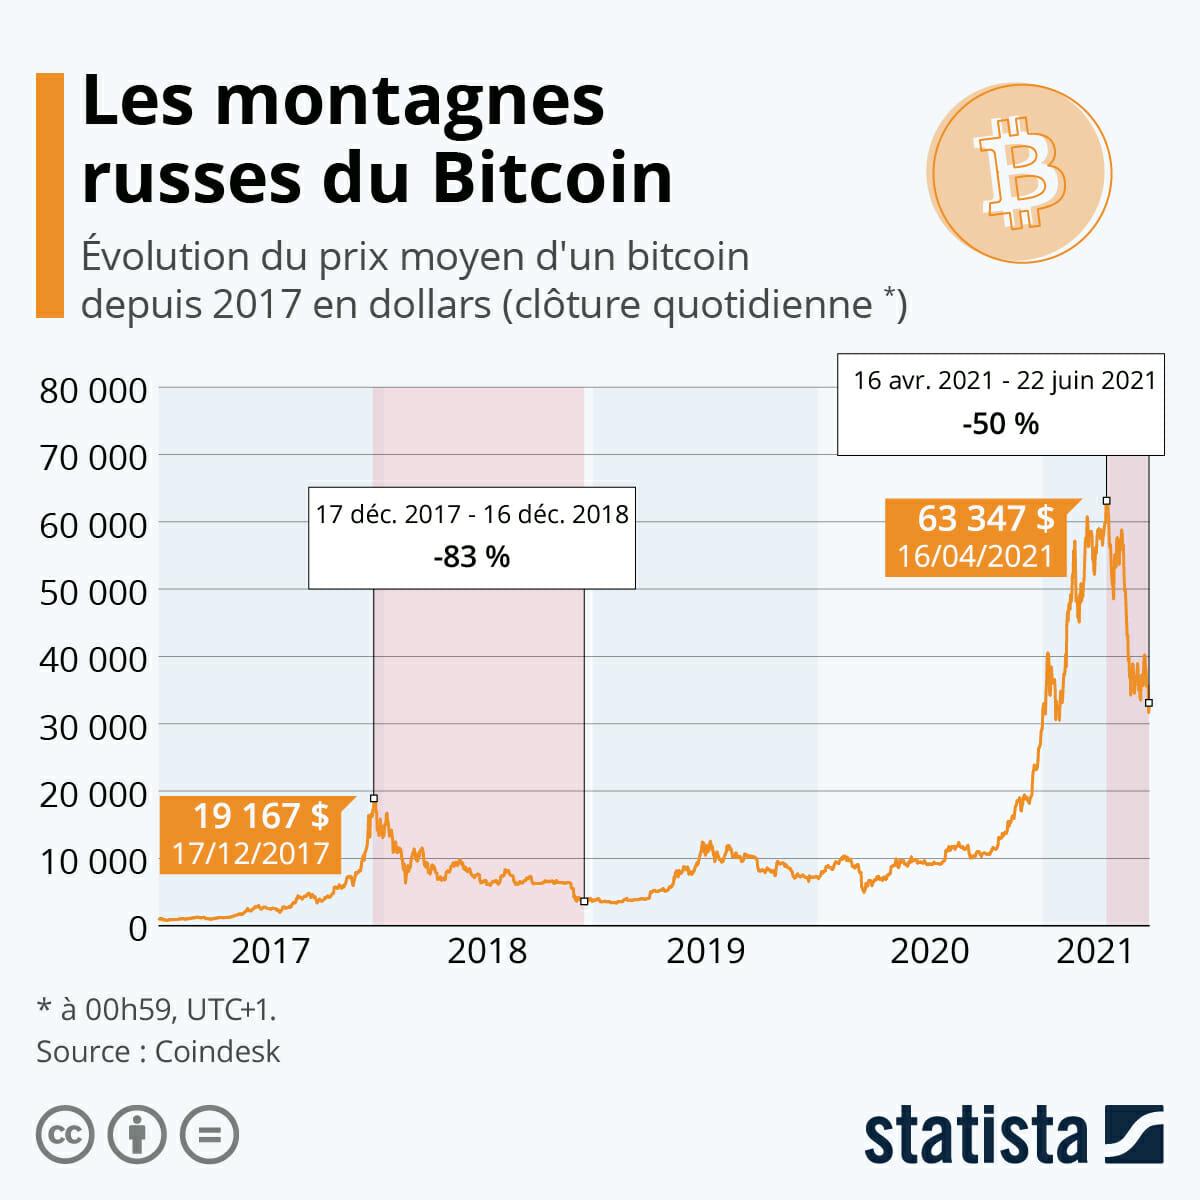 Les hauts et les bas du cours du bitcoin